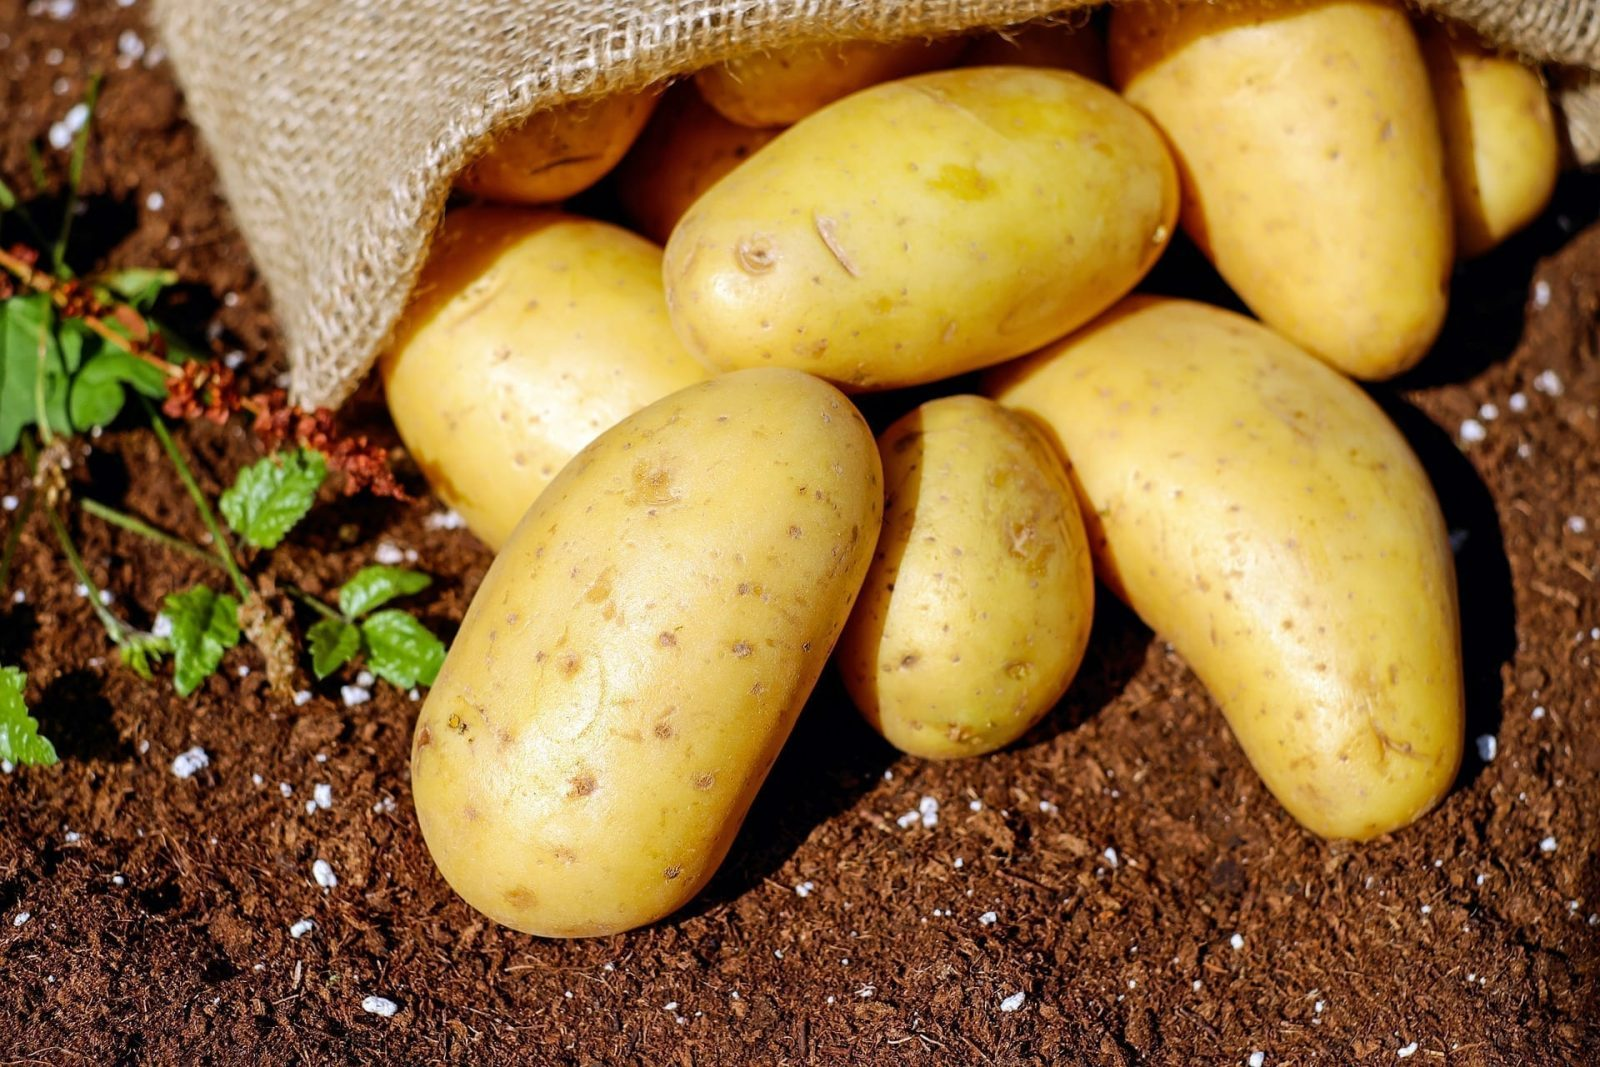 Belgische aardappelboeren op zoek naar grond in Noord-Frankrijk